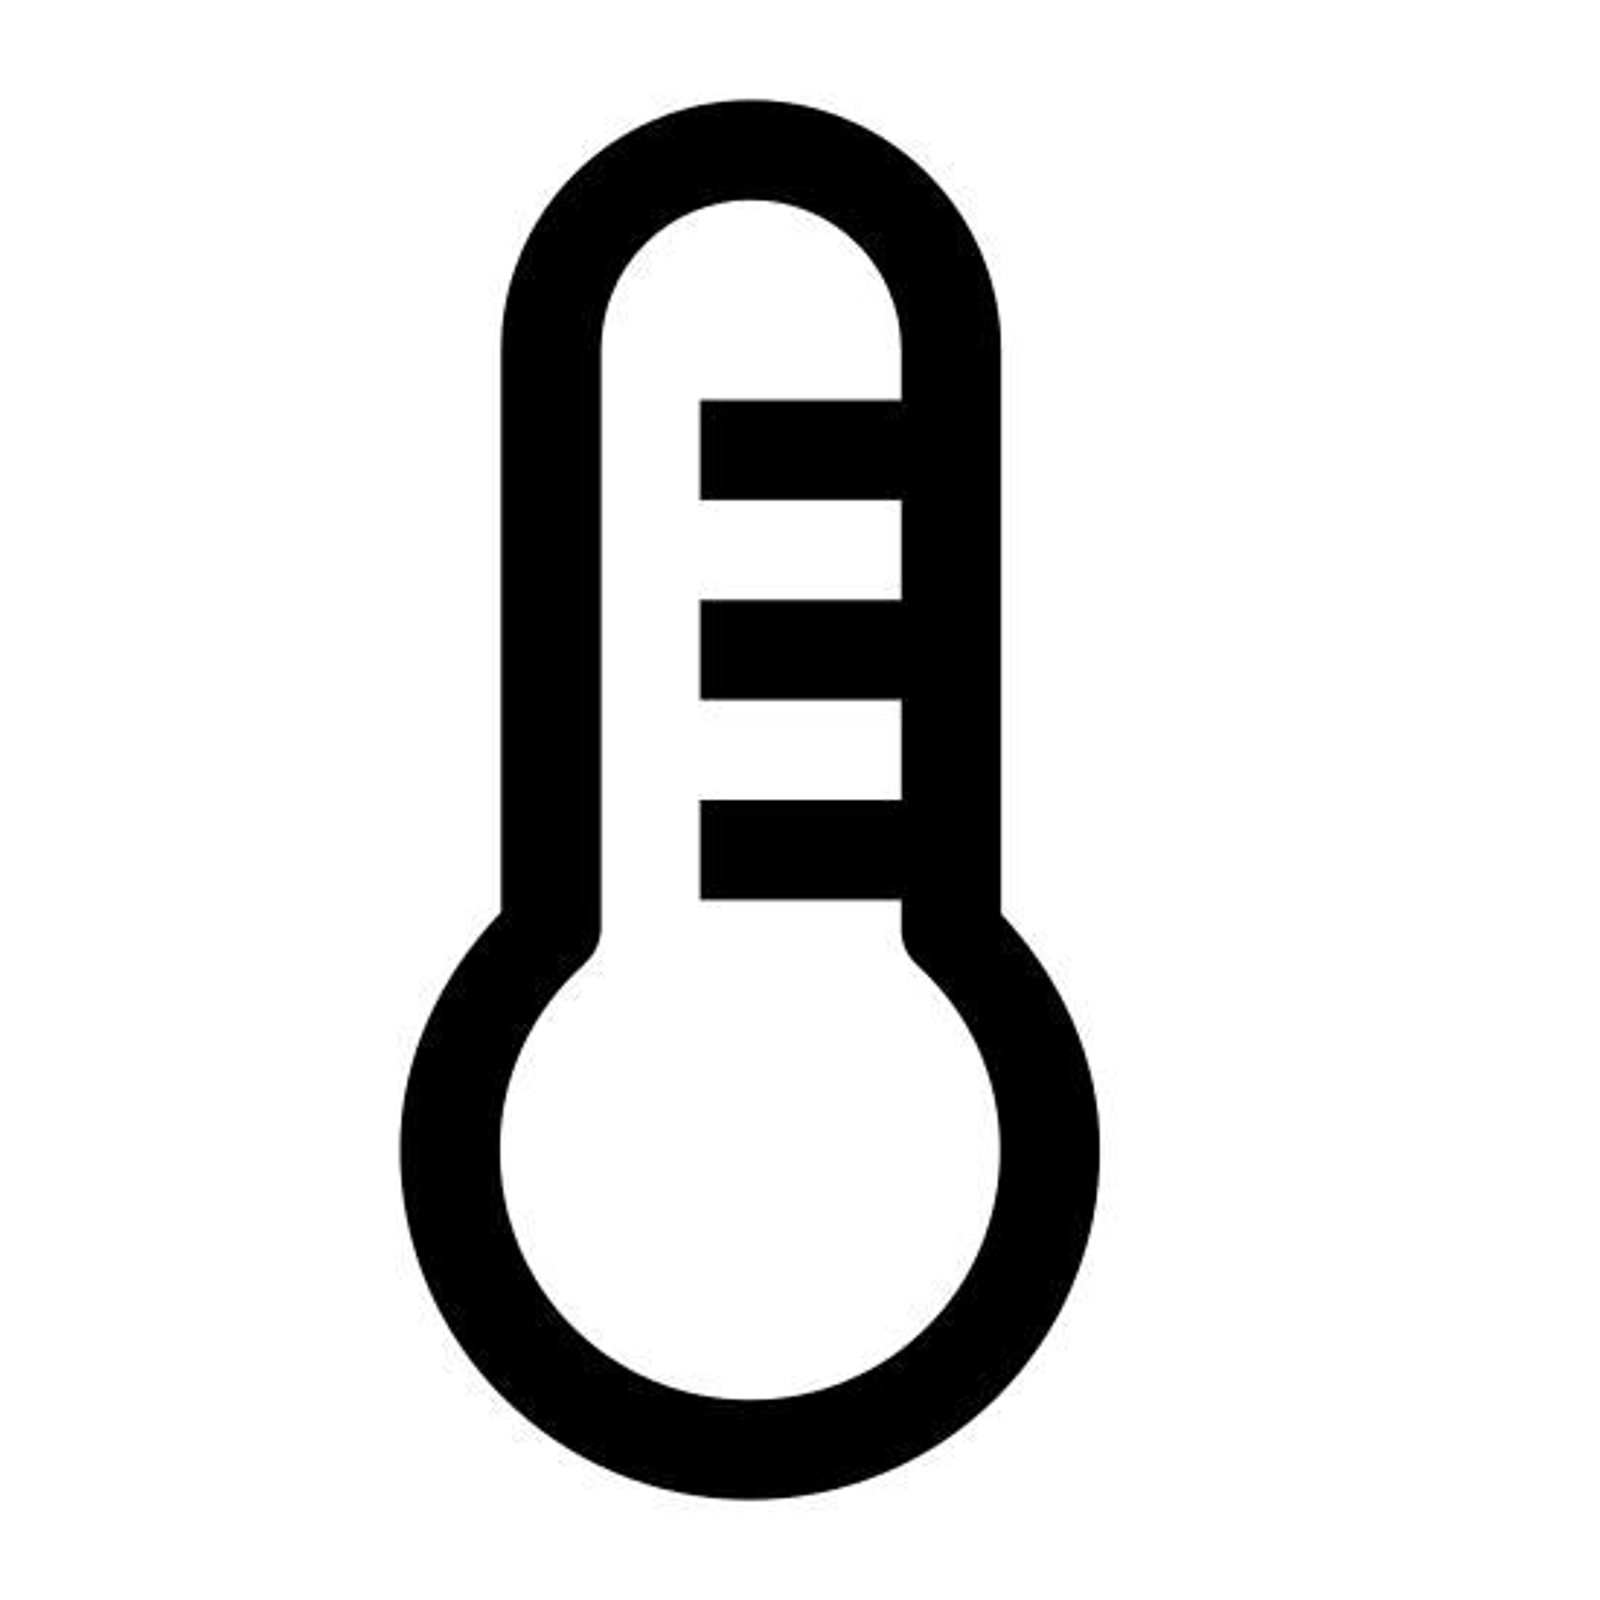 Termometr icon